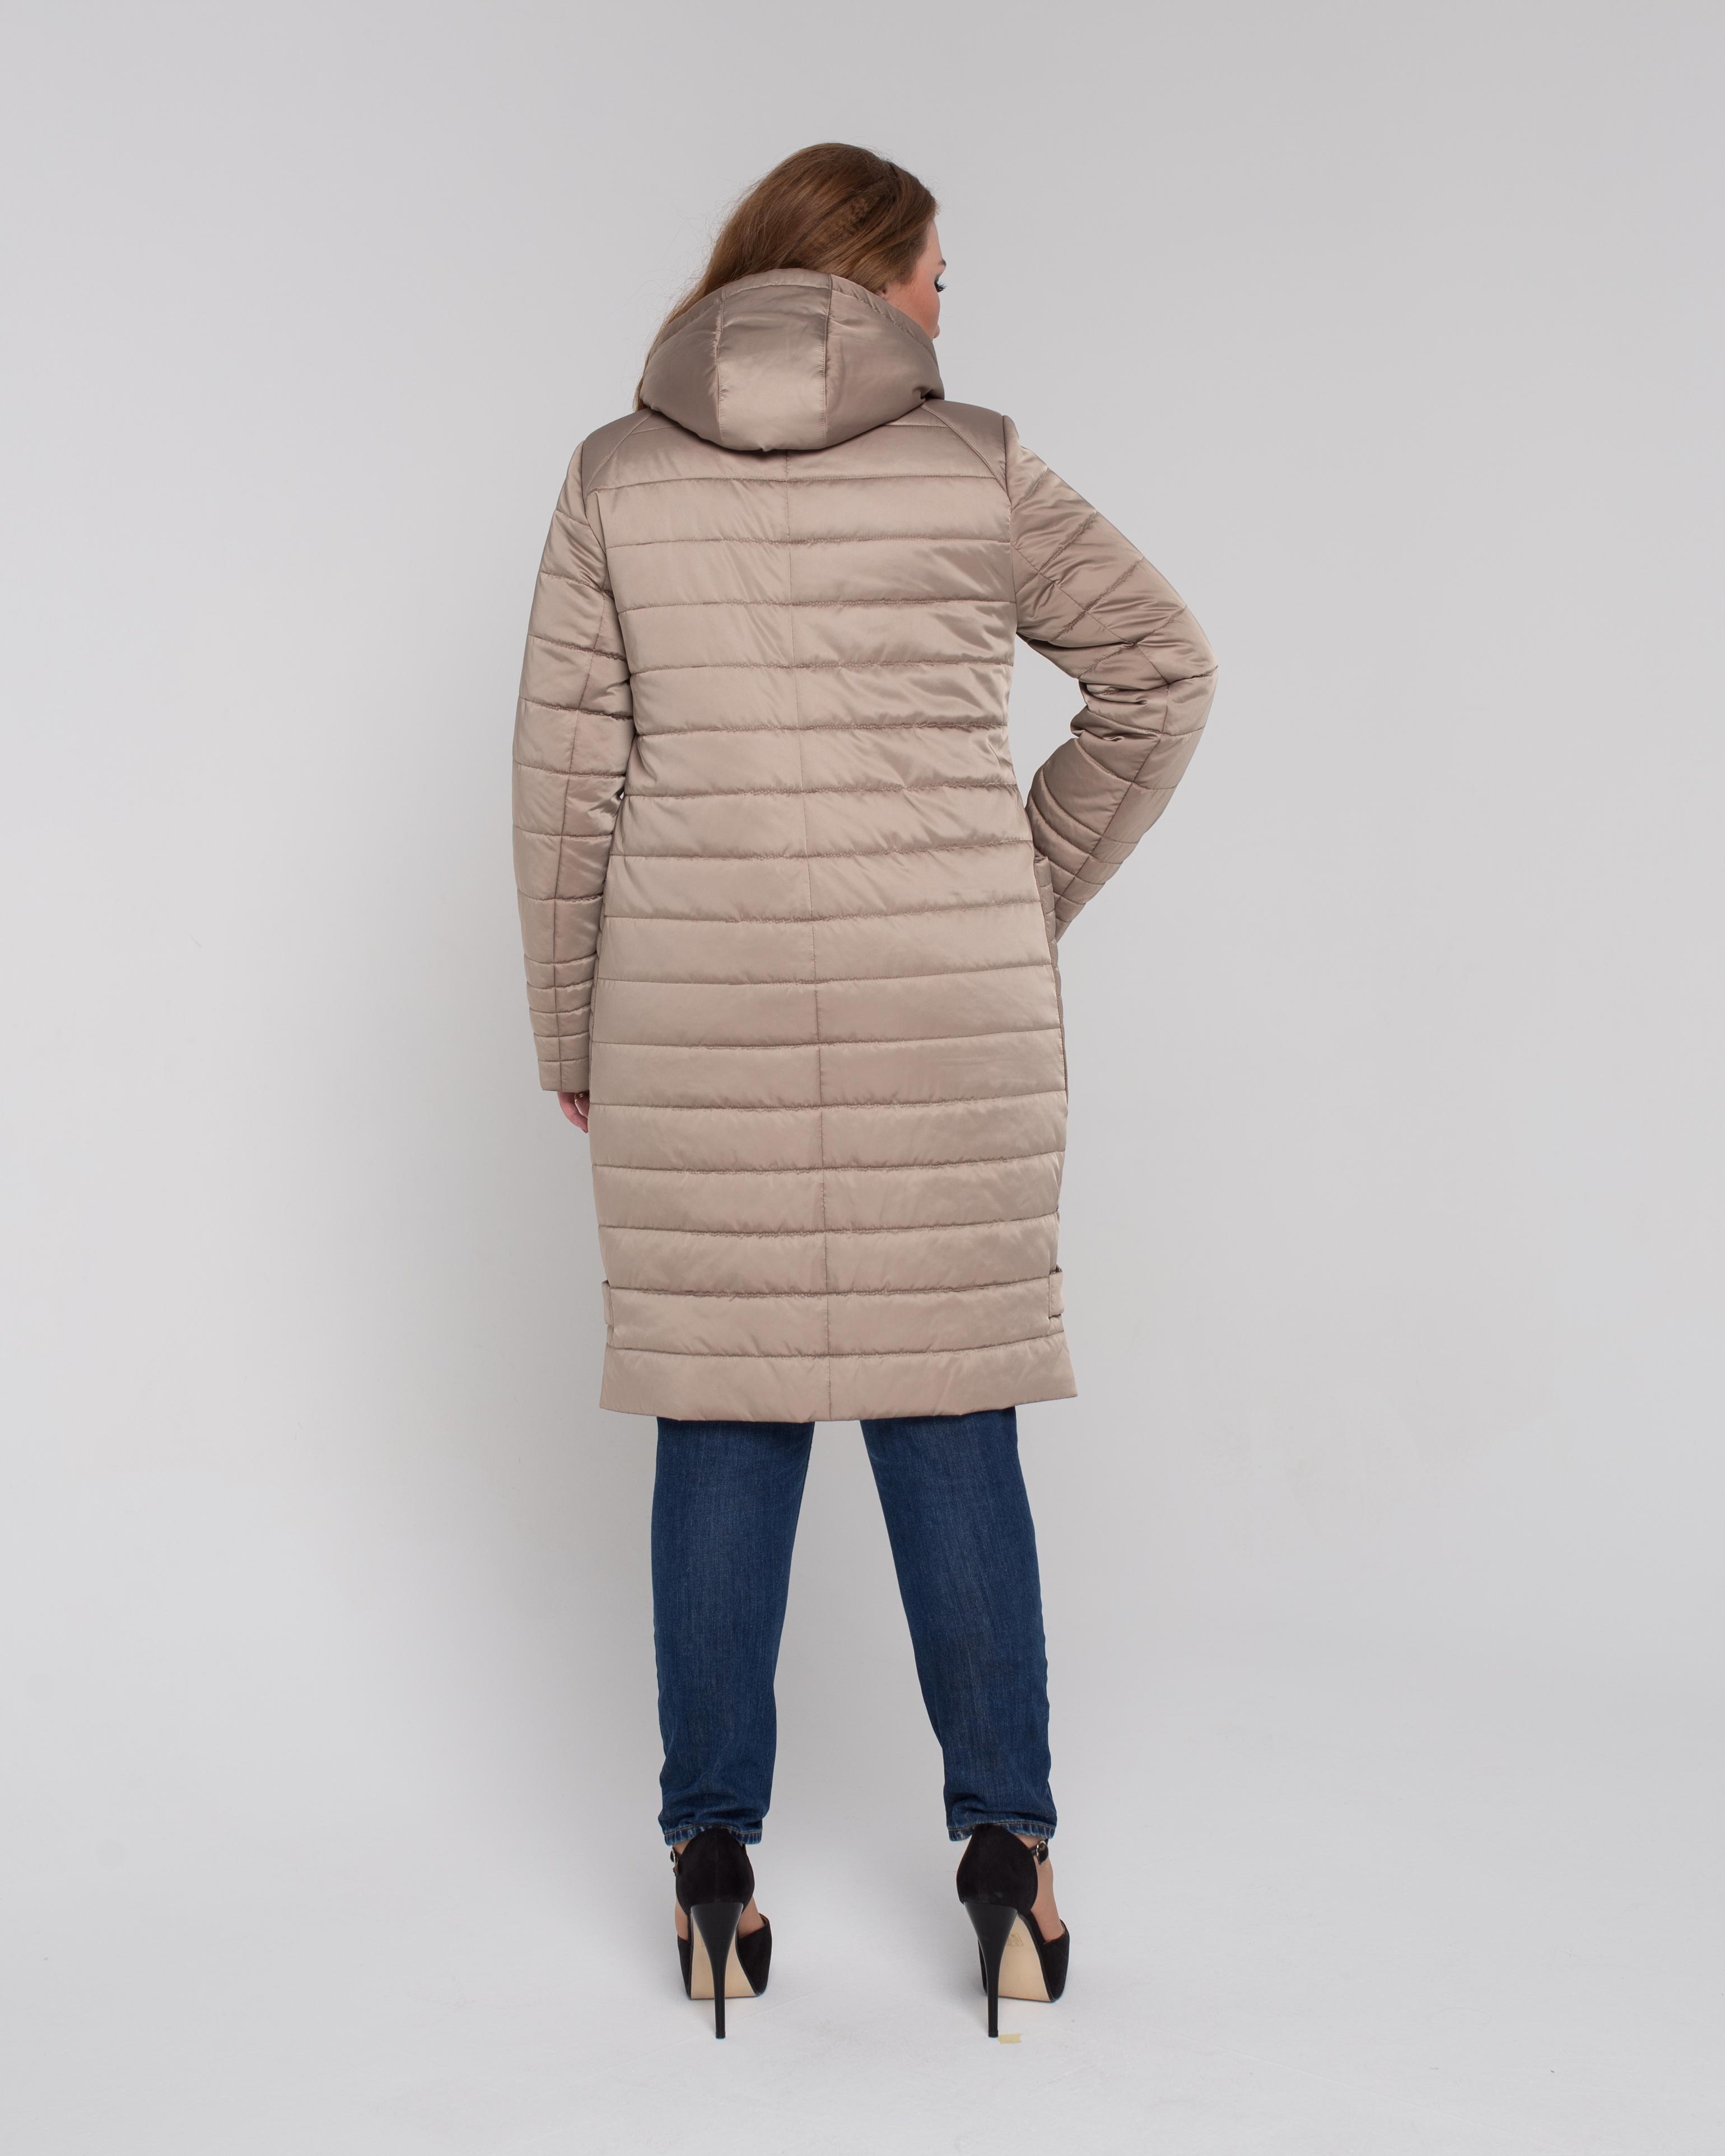 Куртка атлассная